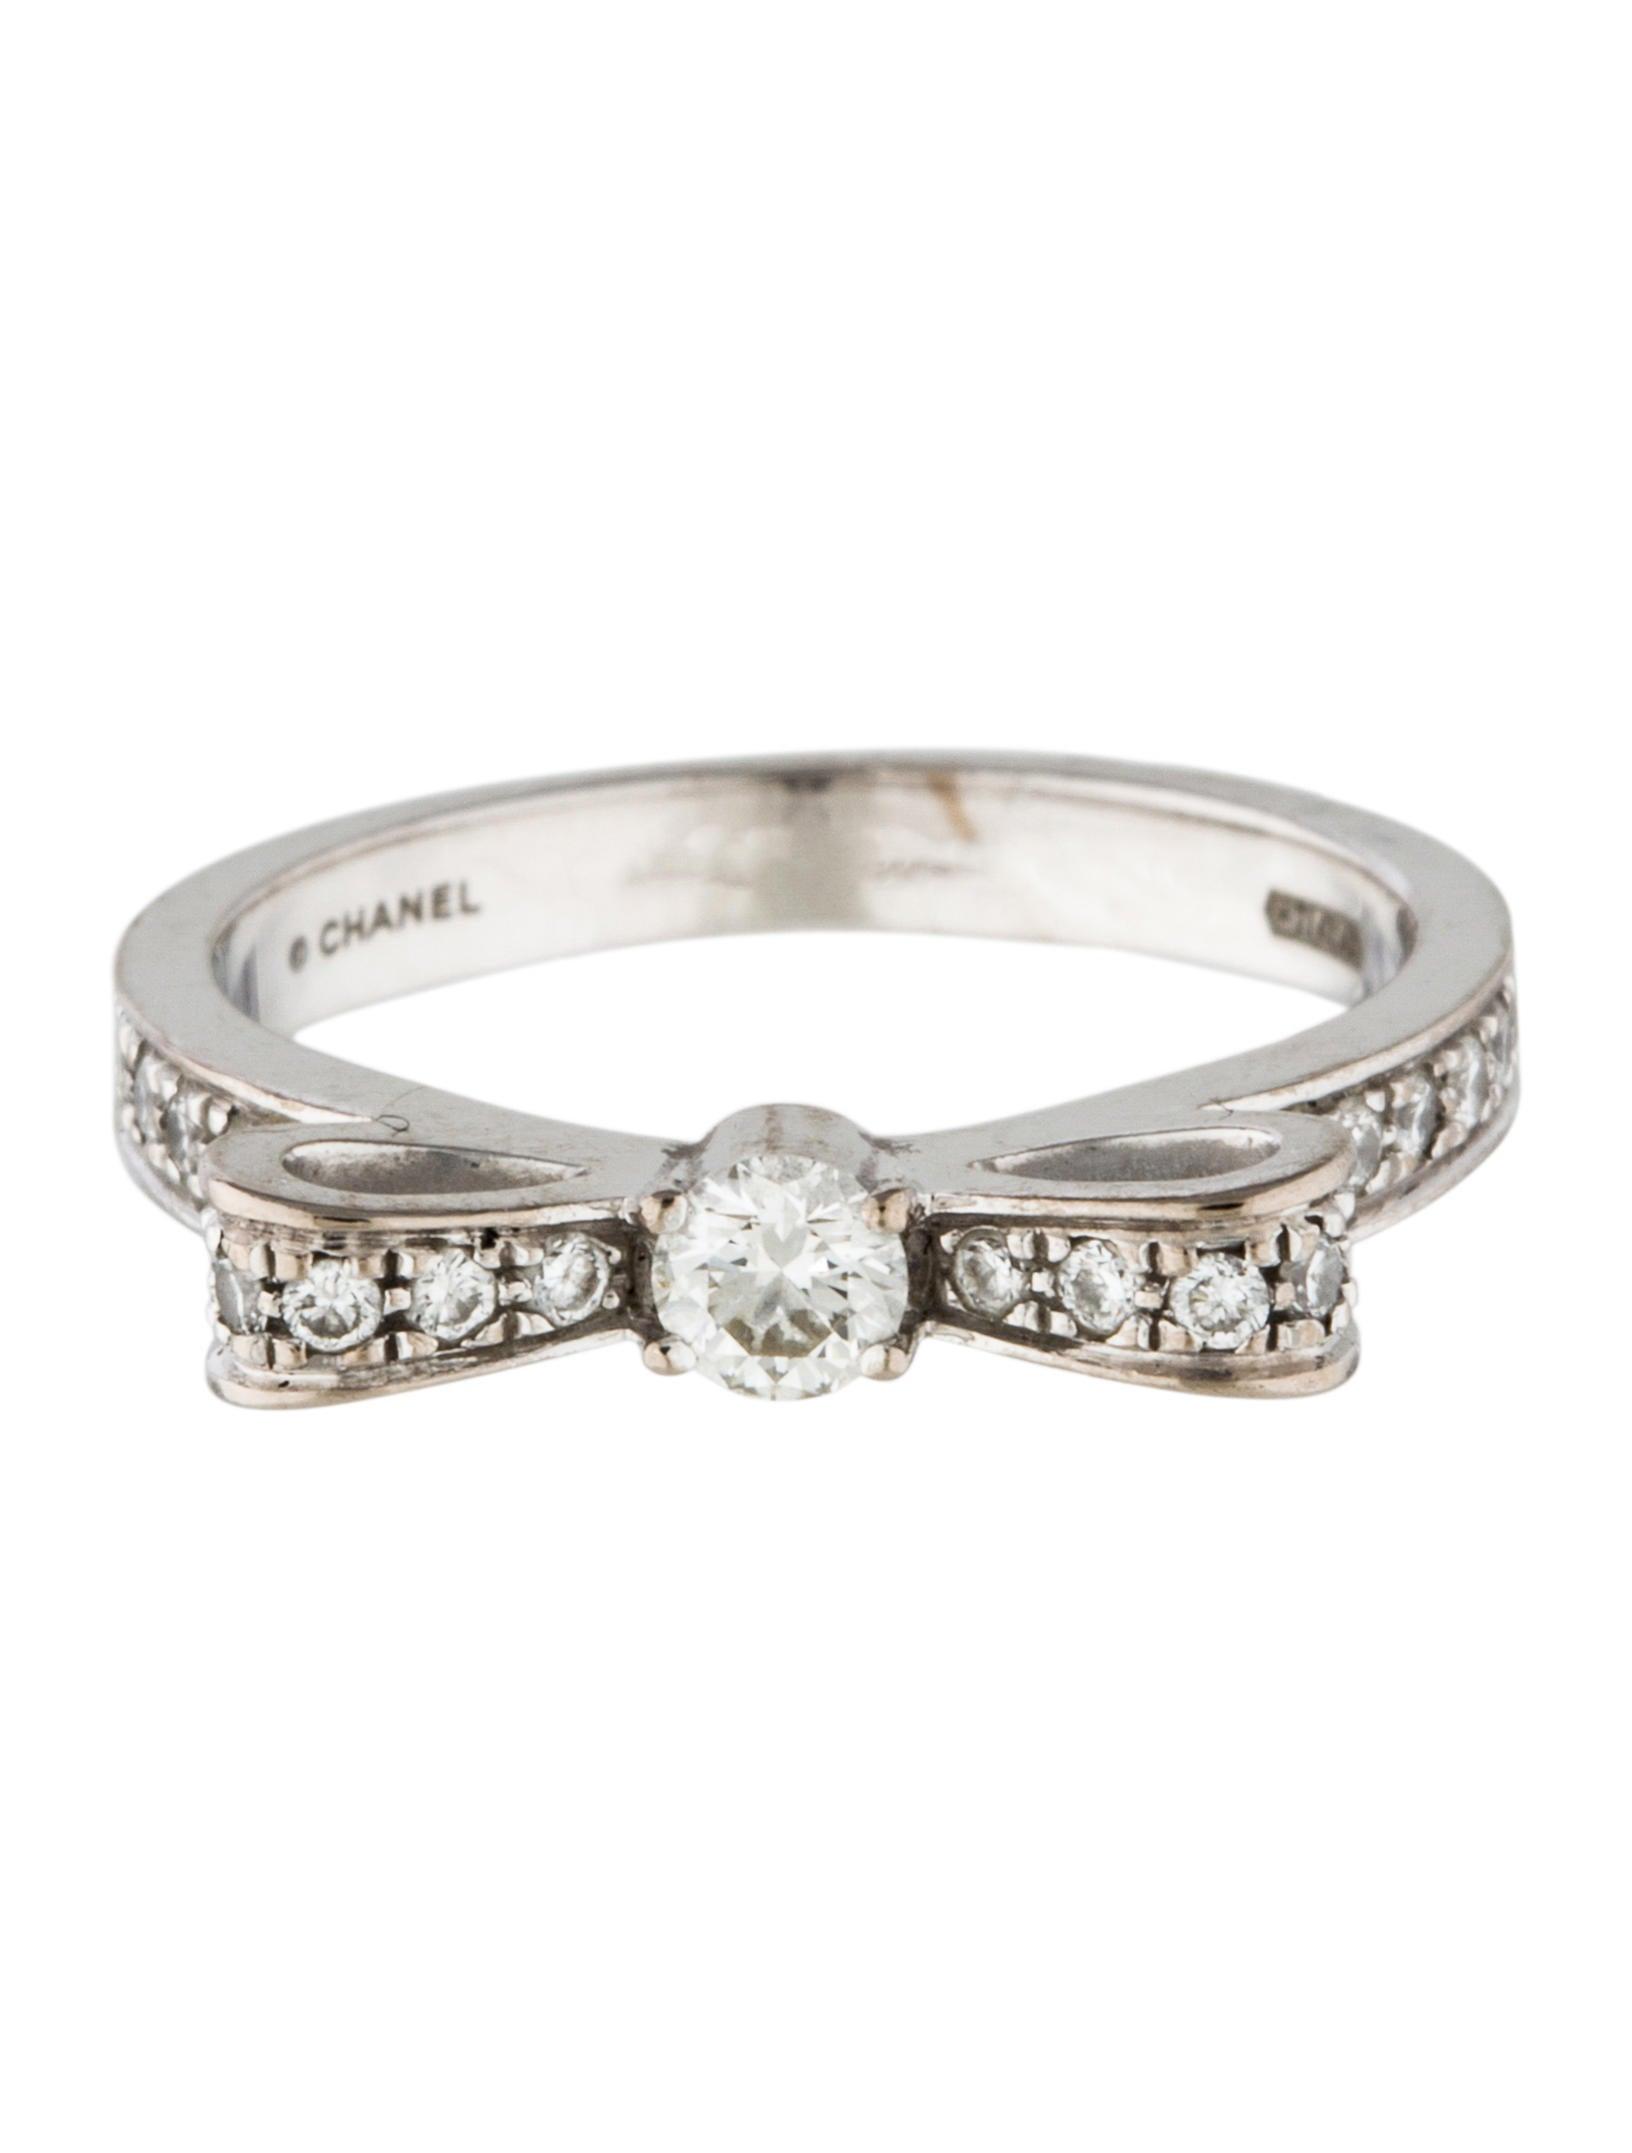 Ring Bow Il Gioiello Personalizzabile Con La Tua Nailart: Chanel Diamond Bow Ring - Rings - CHA170605